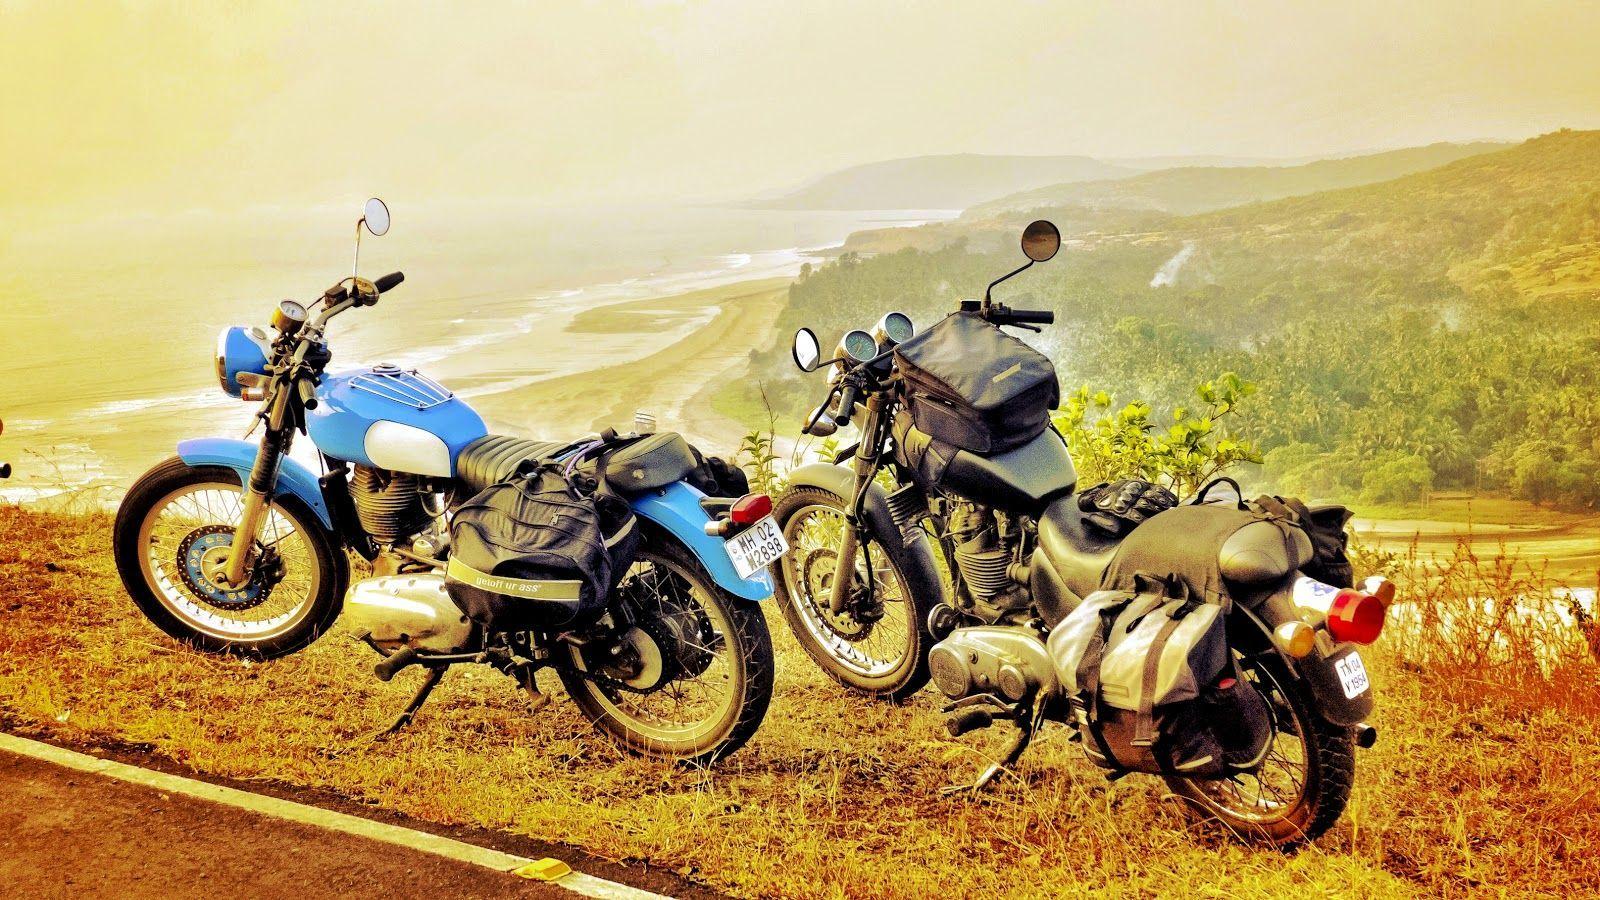 Hiring a Bike in Goa